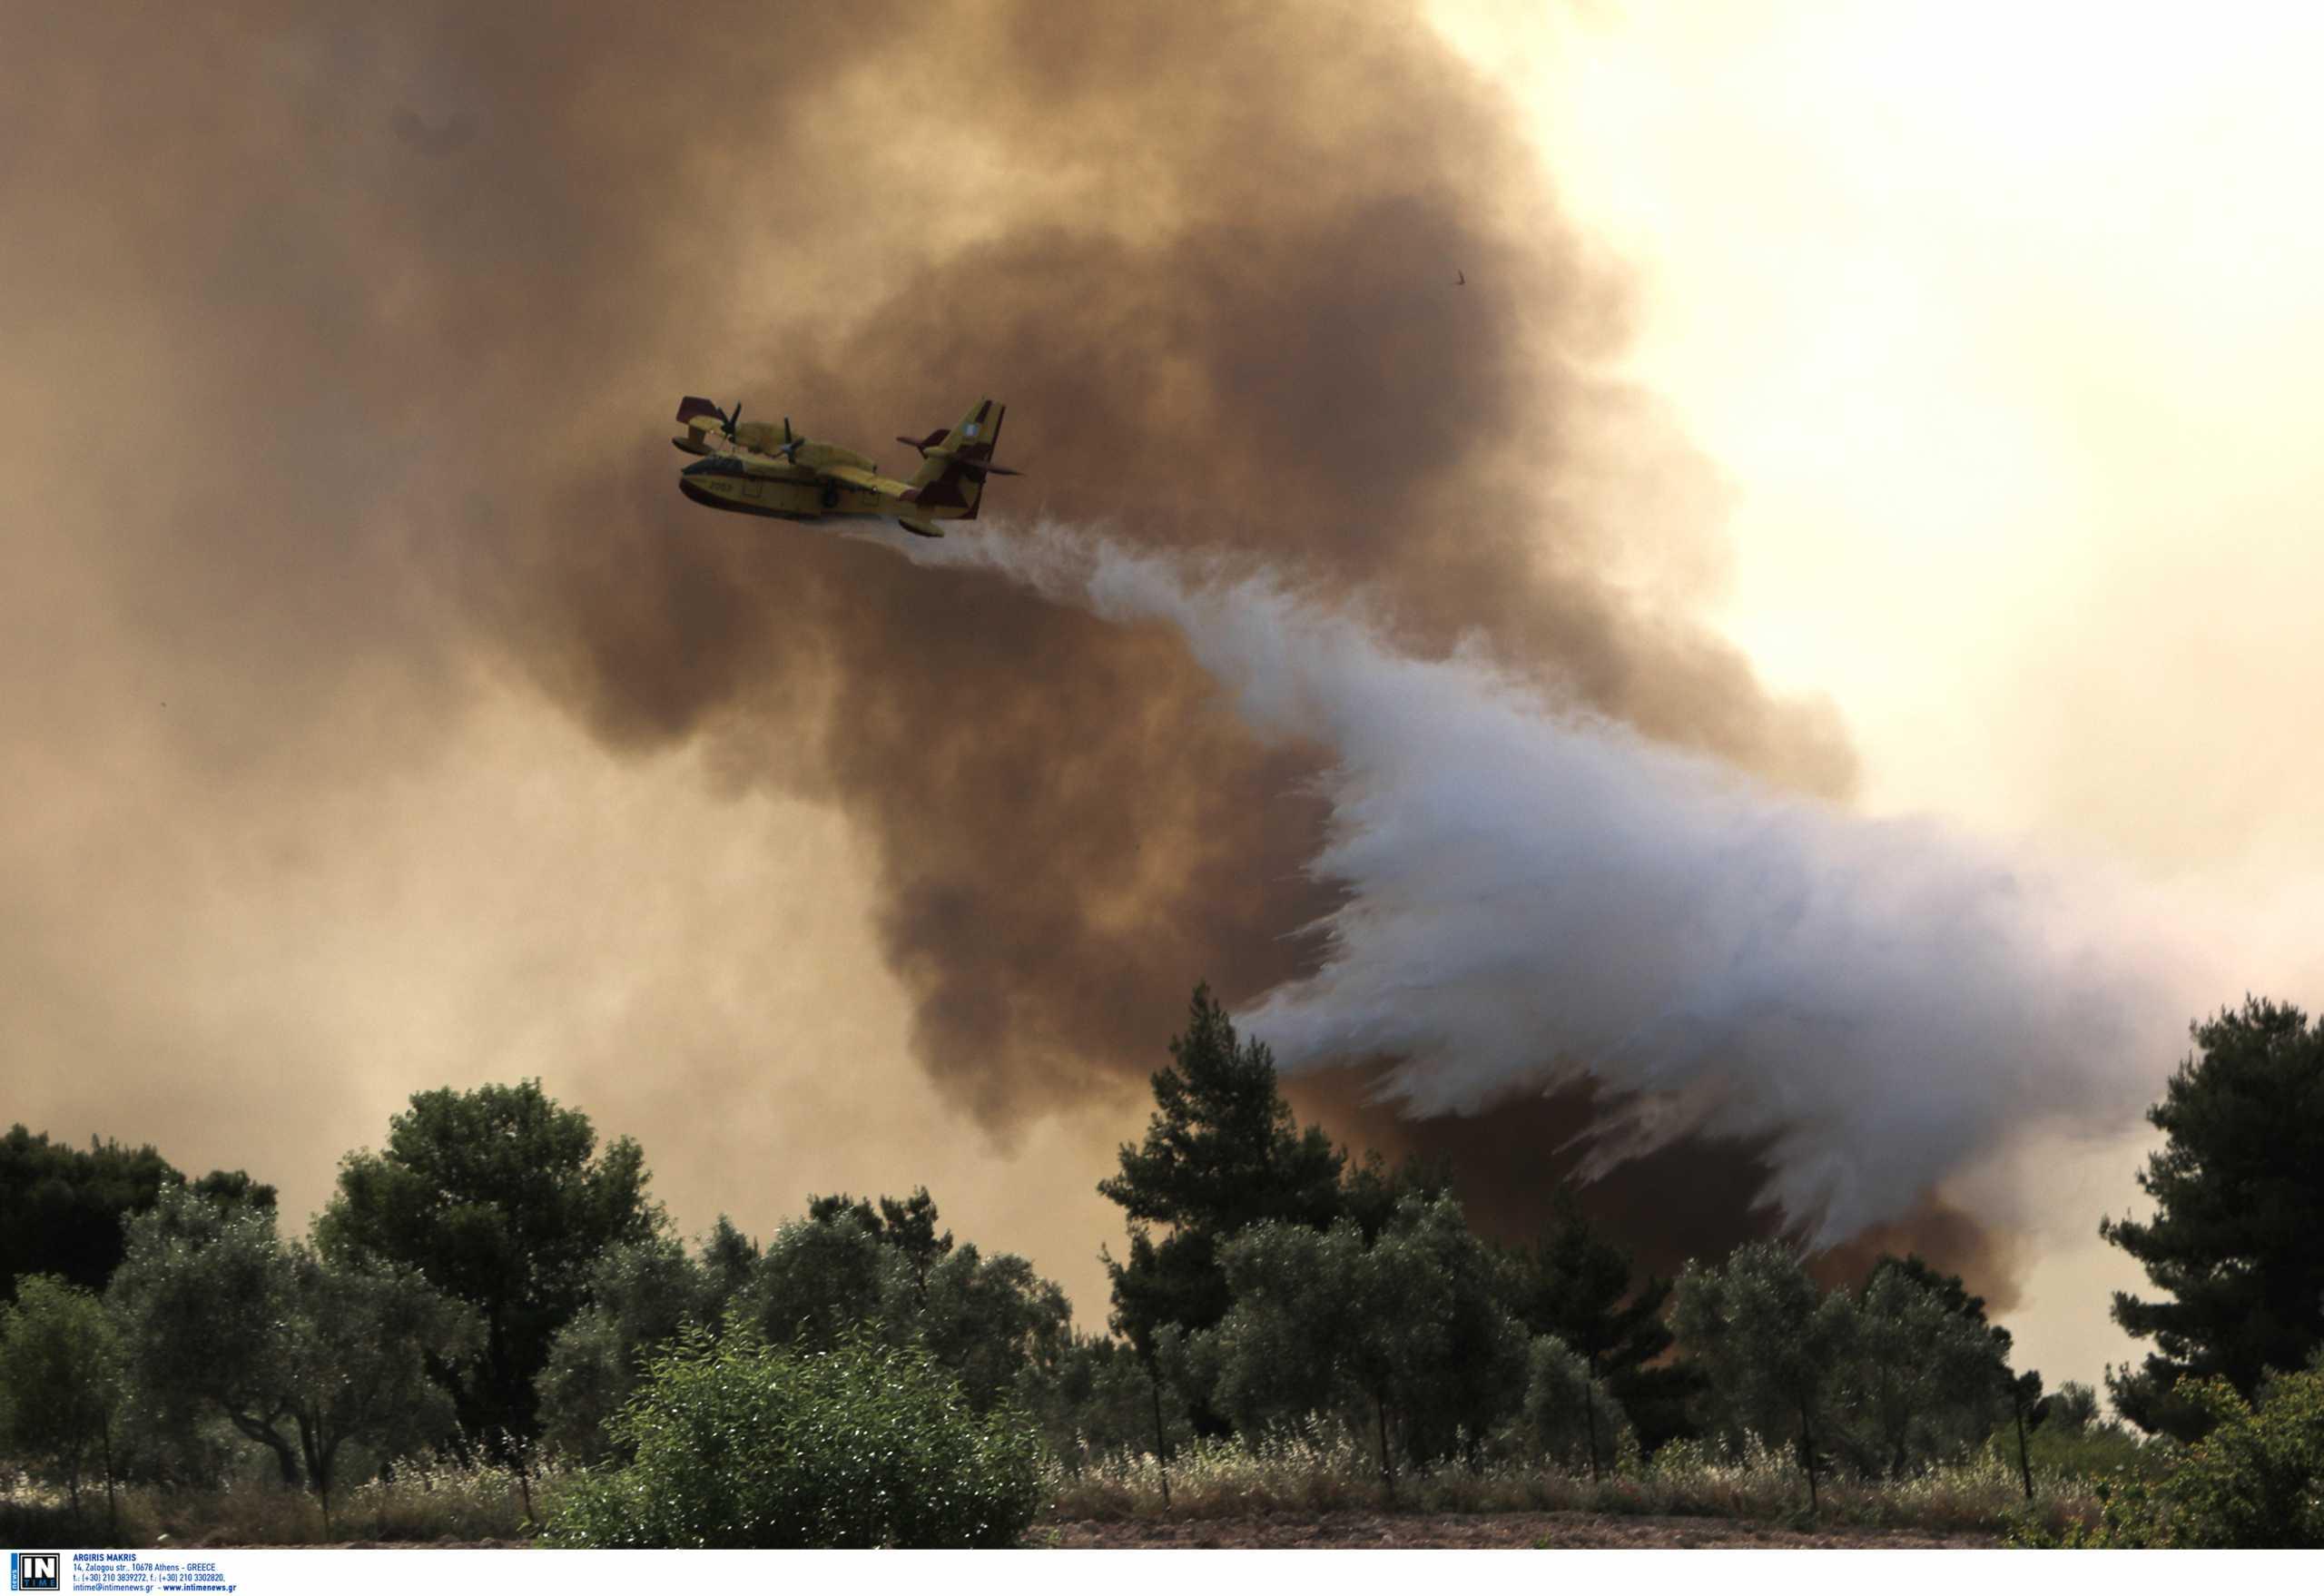 Μέθανα: Η φωτιά περικυκλώνει σπίτια – Κάηκε ένα στο χωριό που εκκενώθηκε – Πώς ξέφυγε η πυρκαγιά